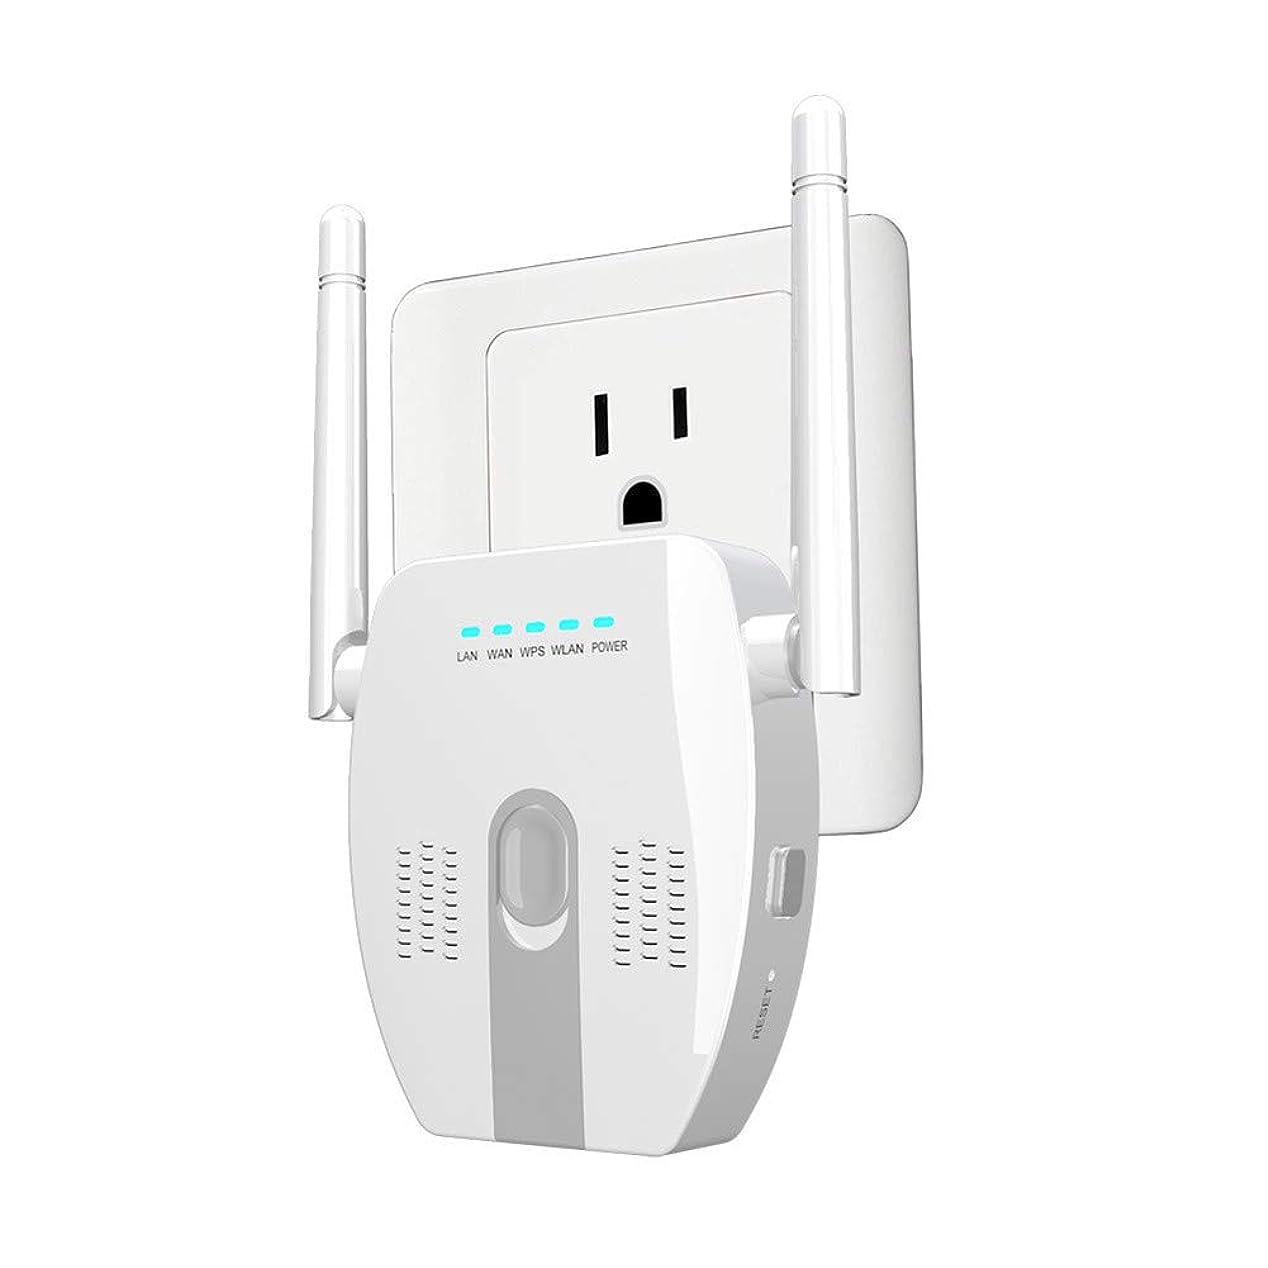 晴れ見えない炎上無線LAN中継器 300MbpsワイヤレスWiFiリピータ、外部アンテナ付き2.4GHz WiFi信号増幅器、サポートルータ/リピータ/アクセスポイントモード